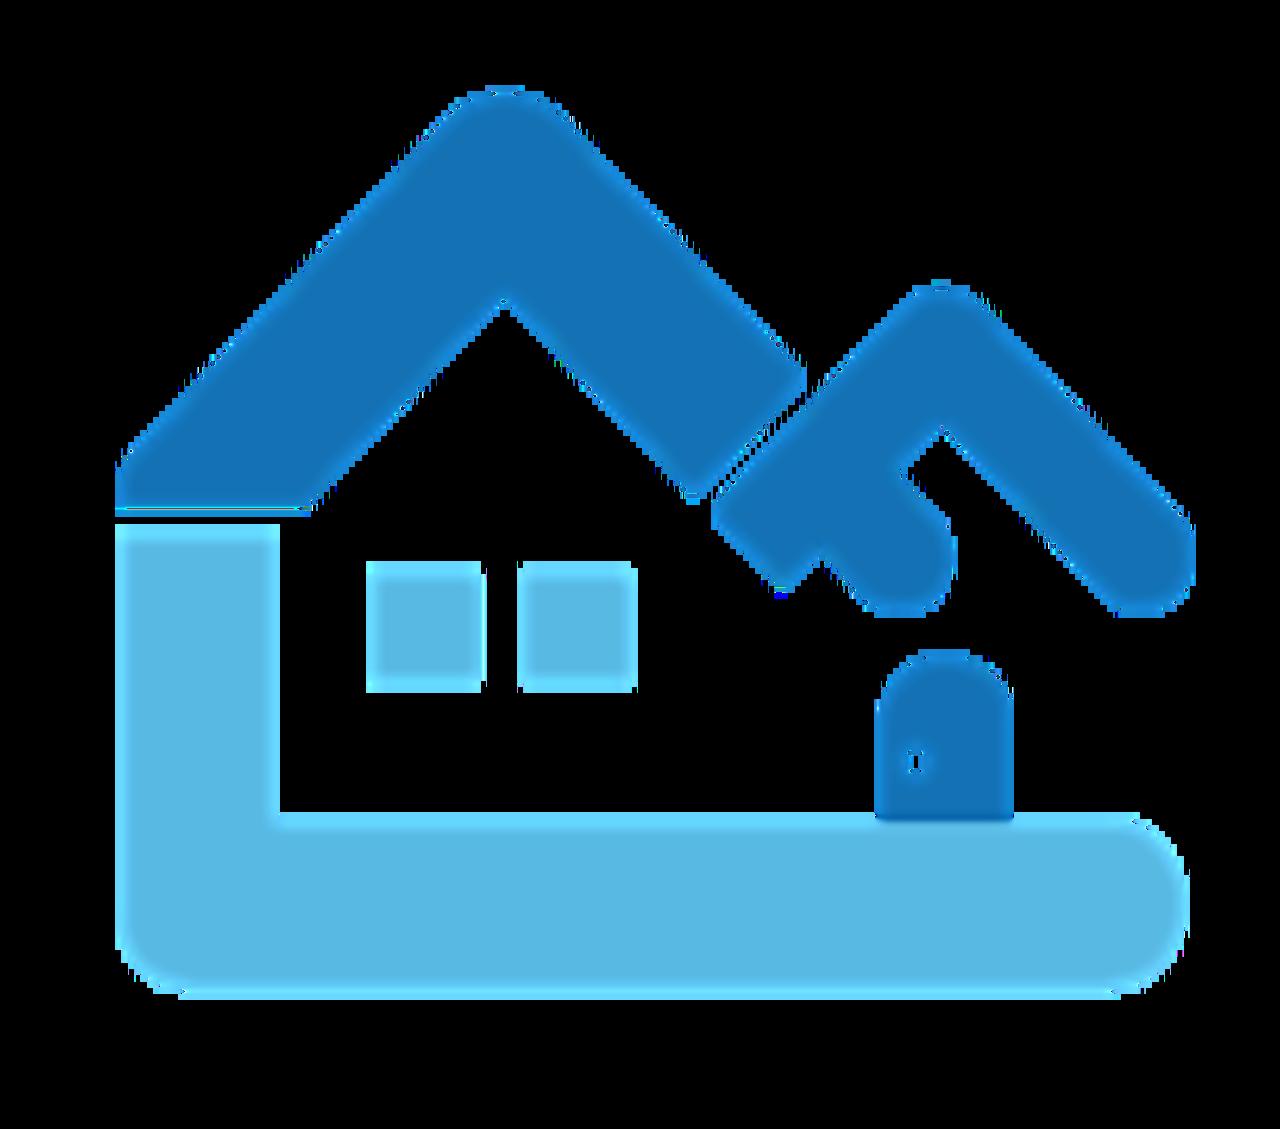 直近で価格が変更になった物件一覧 三郷市の不動産売却・購入の専門会社「みさと不動産プラス」が不動産をお探しのお客様・ご売却をお考えのお客様へ毎日更新している物件情報を簡単に検索できます。役立つ…